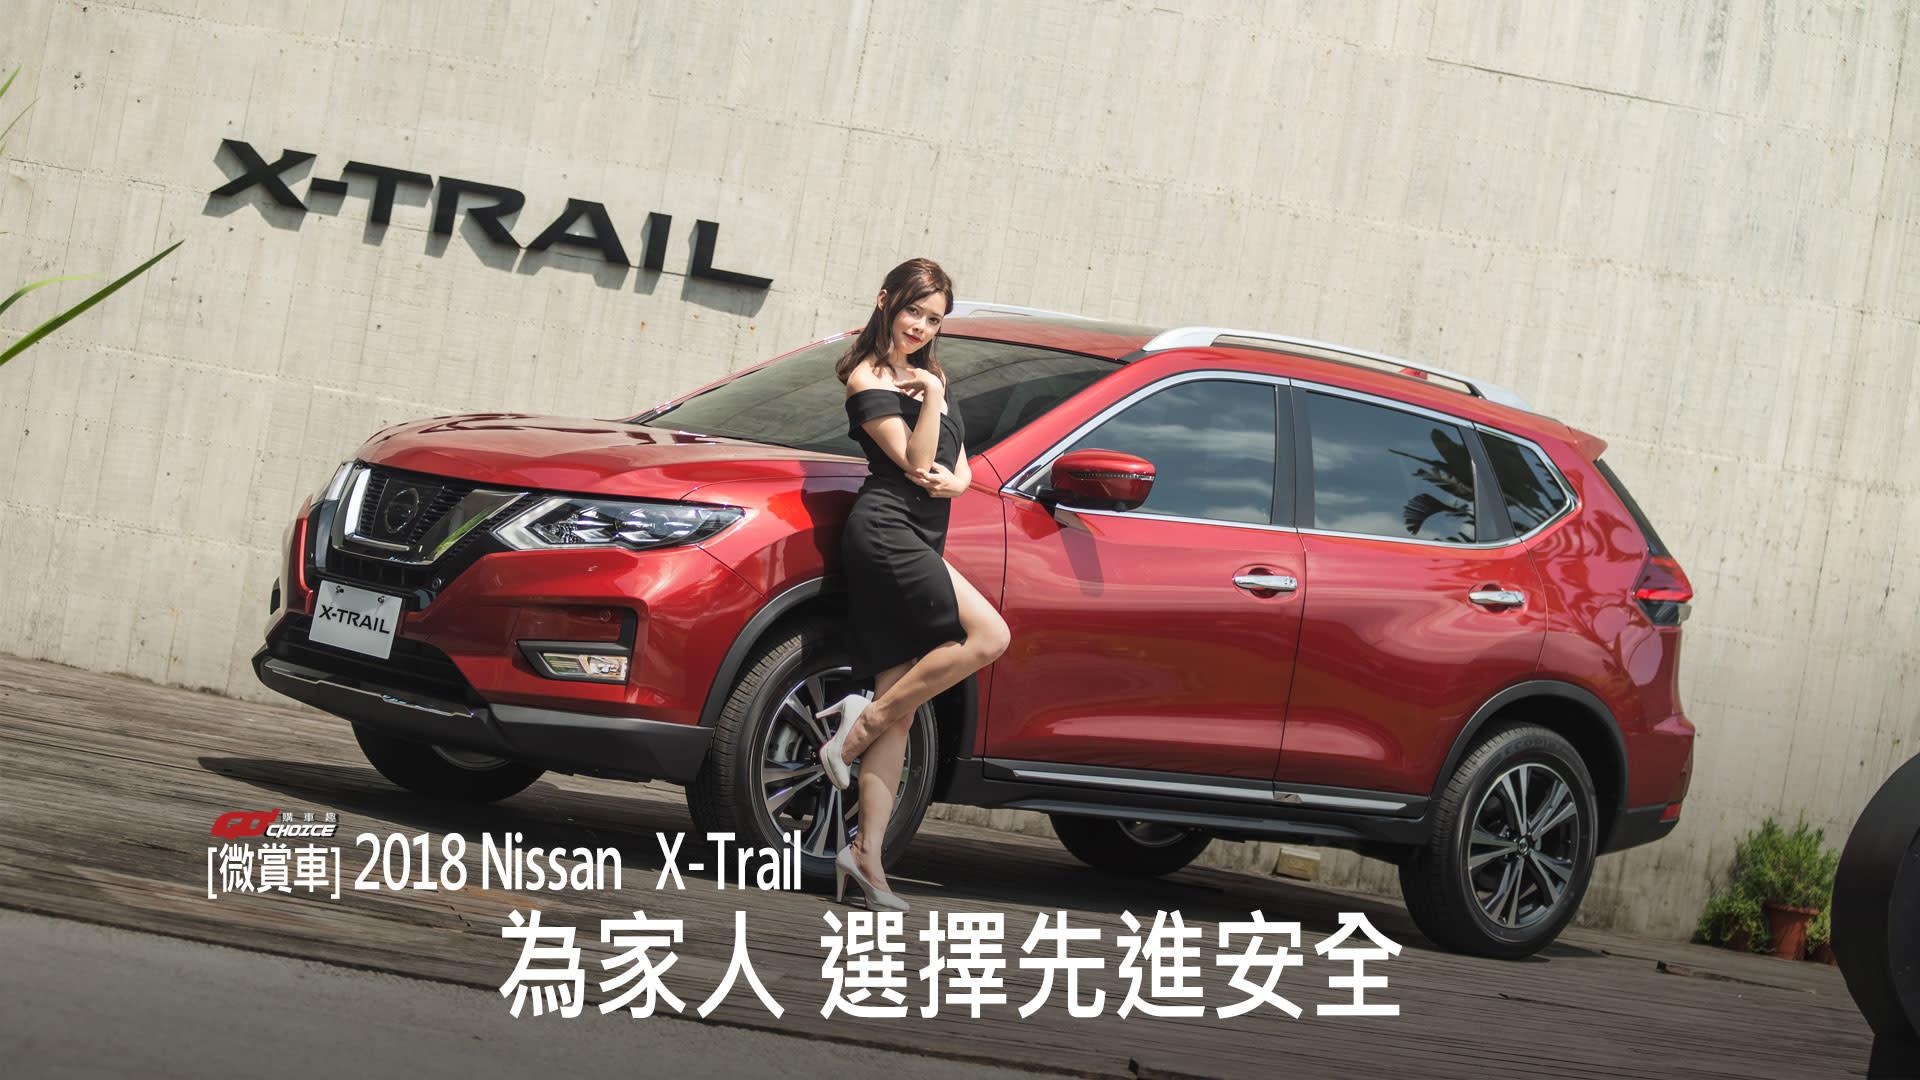 [微賞車]Nissan X-Trail_為家人 選擇先進安全科技